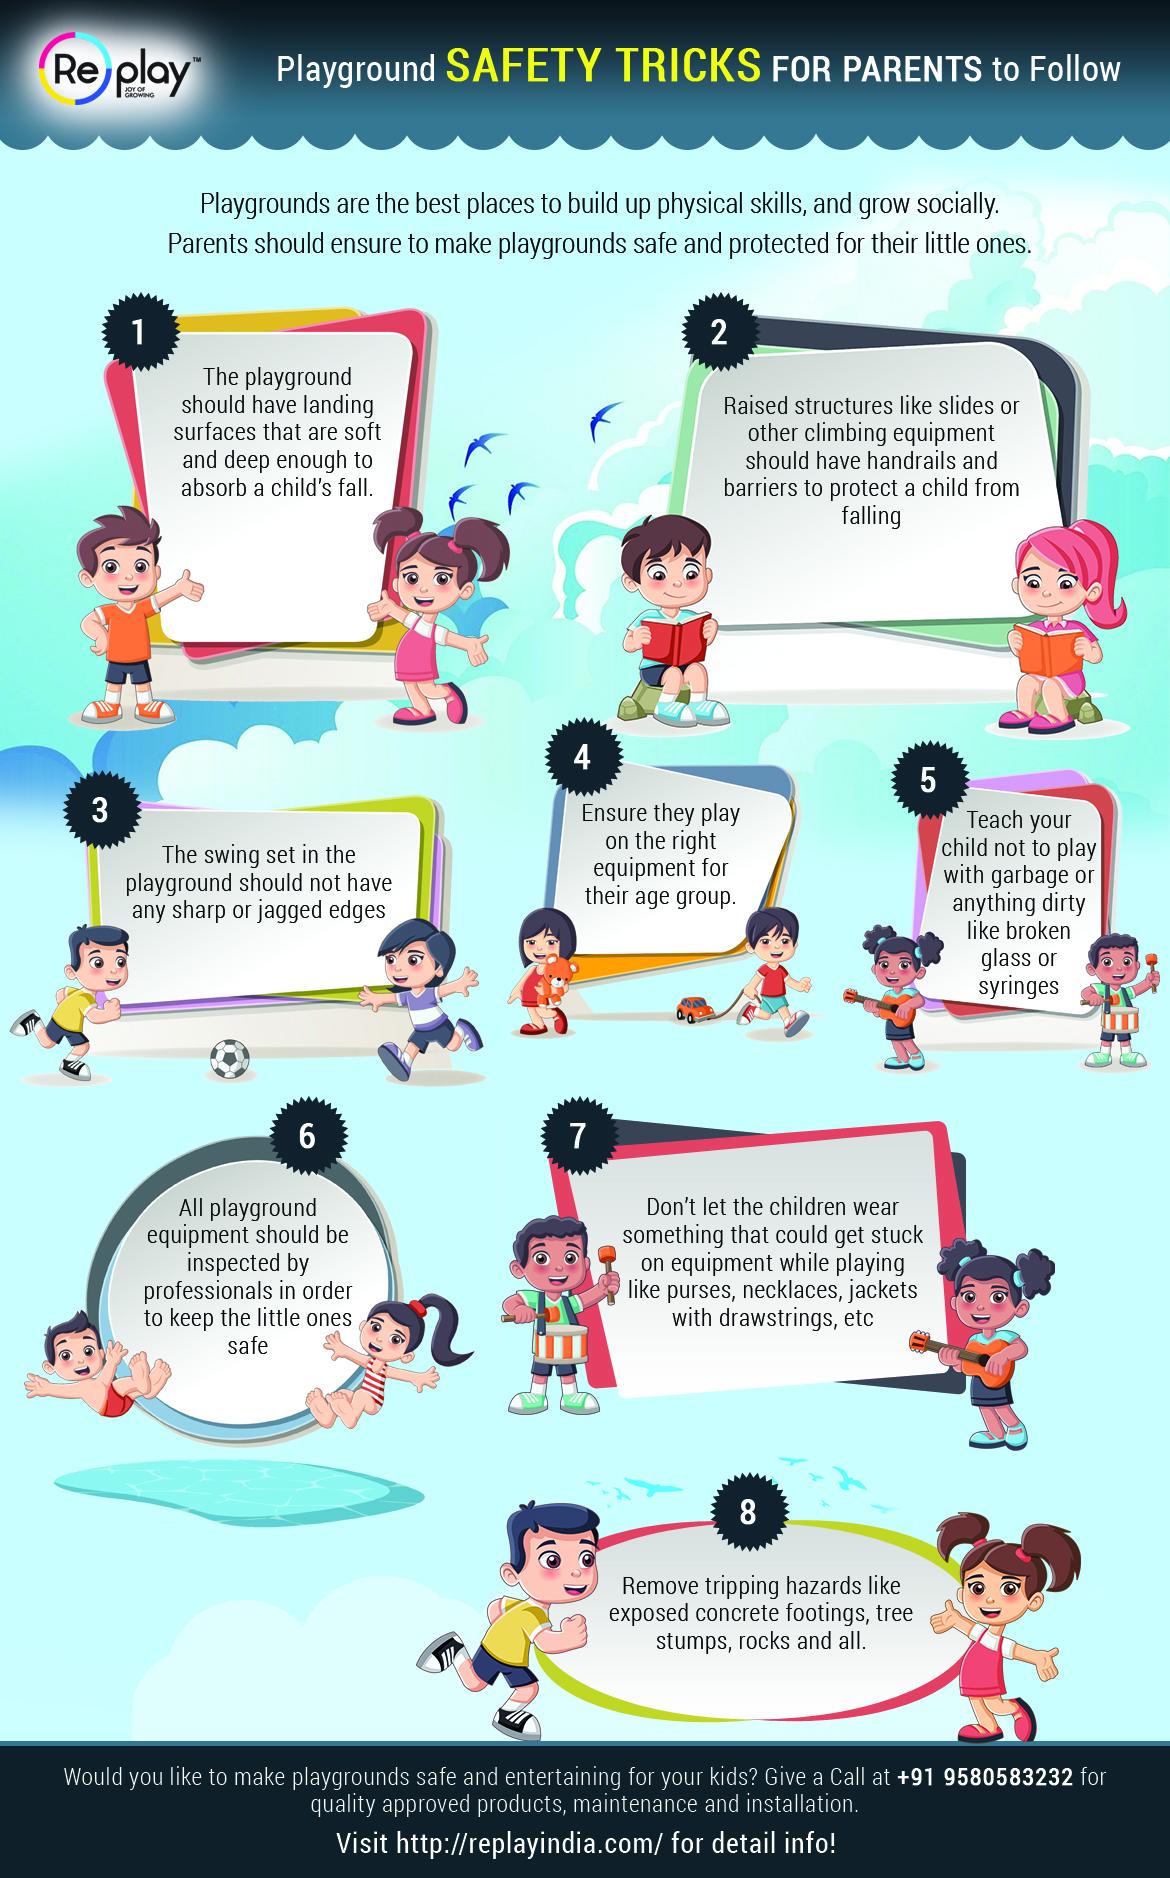 Playground Safety Tricks